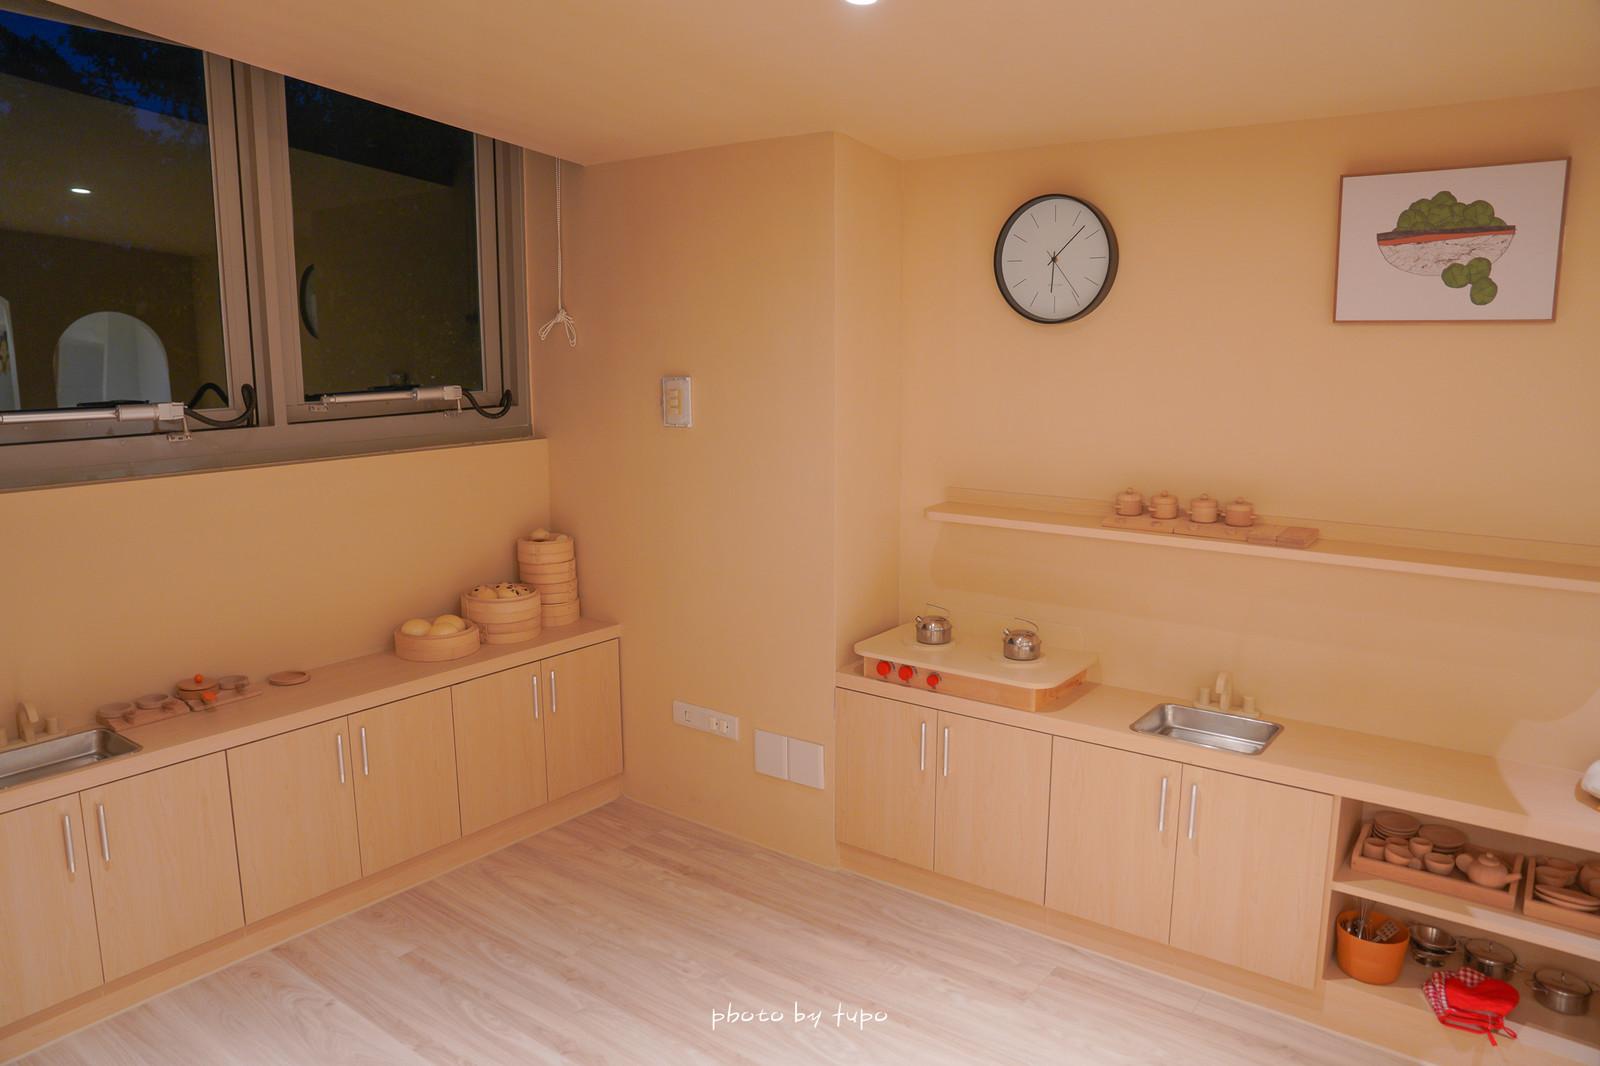 新北淡水》寵壞妳的奢華泡湯住宿!蘊泉庄YUN ESTATE HOTEL~日本大眾湯、每房都有泡湯池,北歐風遊戲區、九宮格早餐